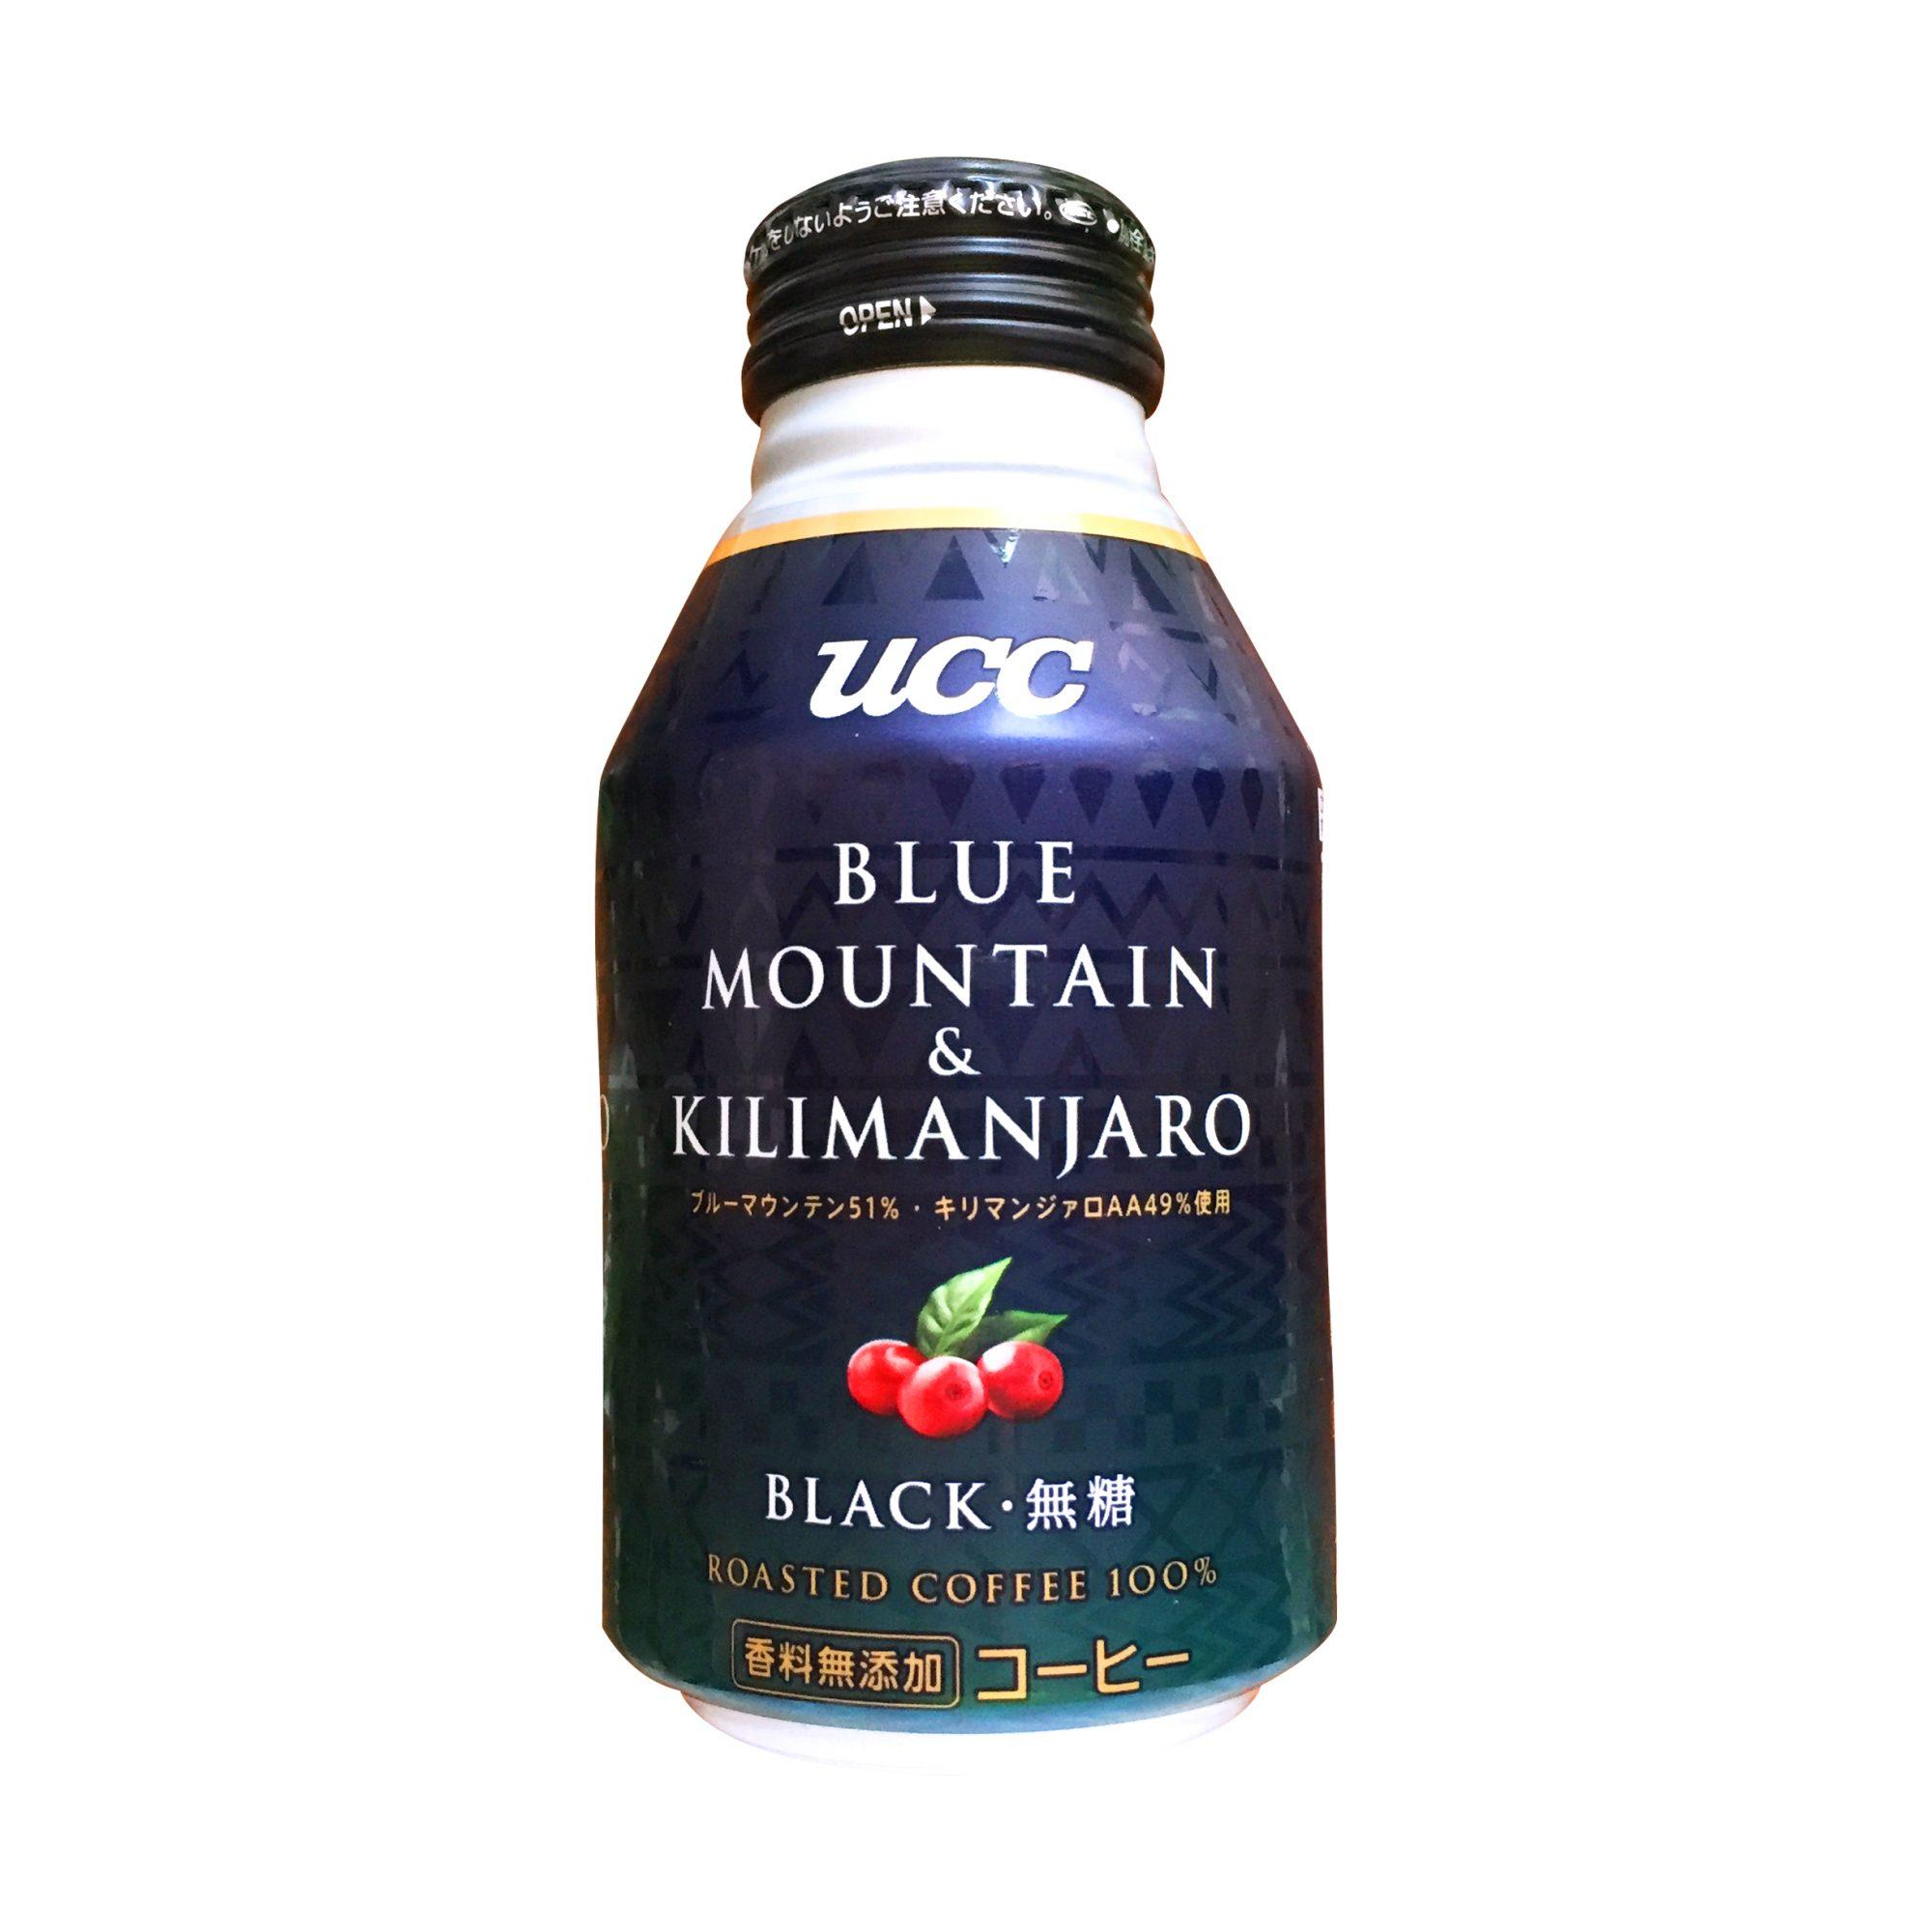 UCC『BLACK ブルーマウンテン&キリマンジァロ リキャップ缶275g』実飲レビュー!秀でた香りとまろやかで奥深いコクを感じられる新時代の缶コーヒー◎